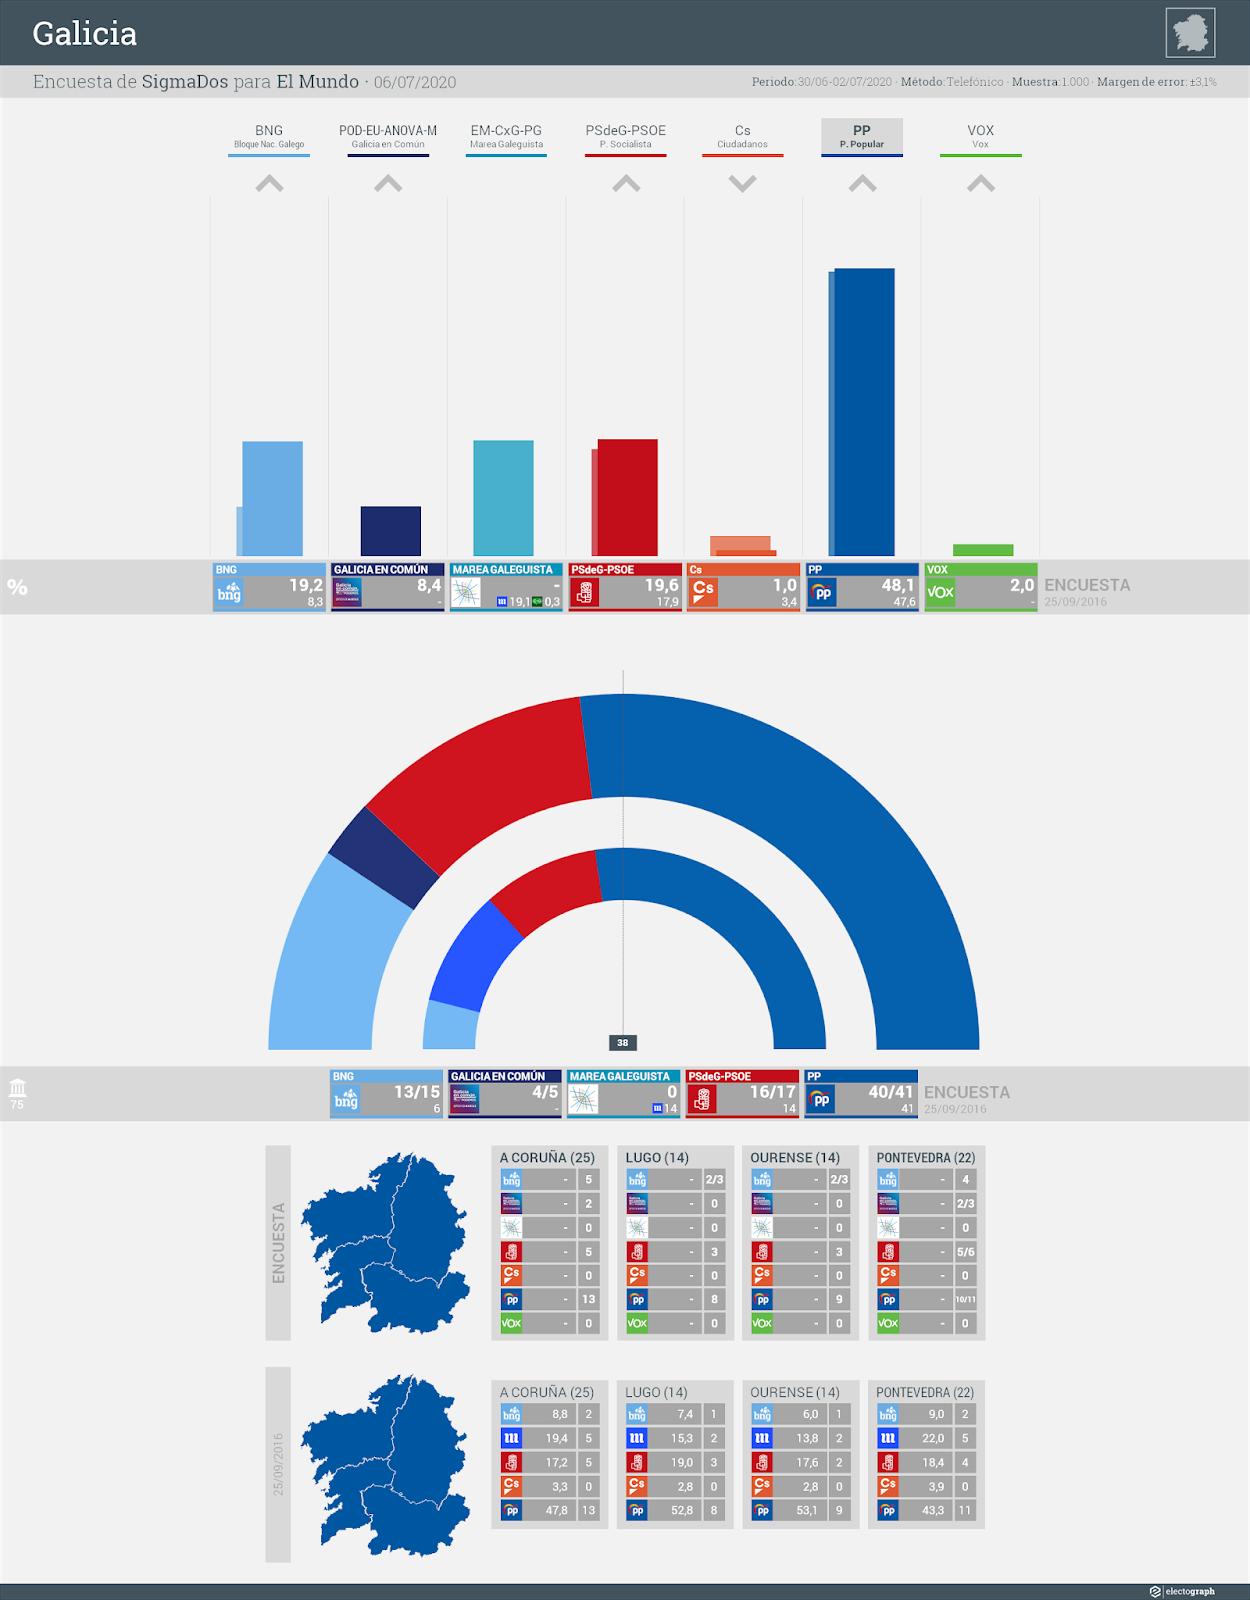 Gráfico de la encuesta para elecciones autonómicas en Galicia realizada por SigmaDos para El Mundo, 6 de julio de 2020